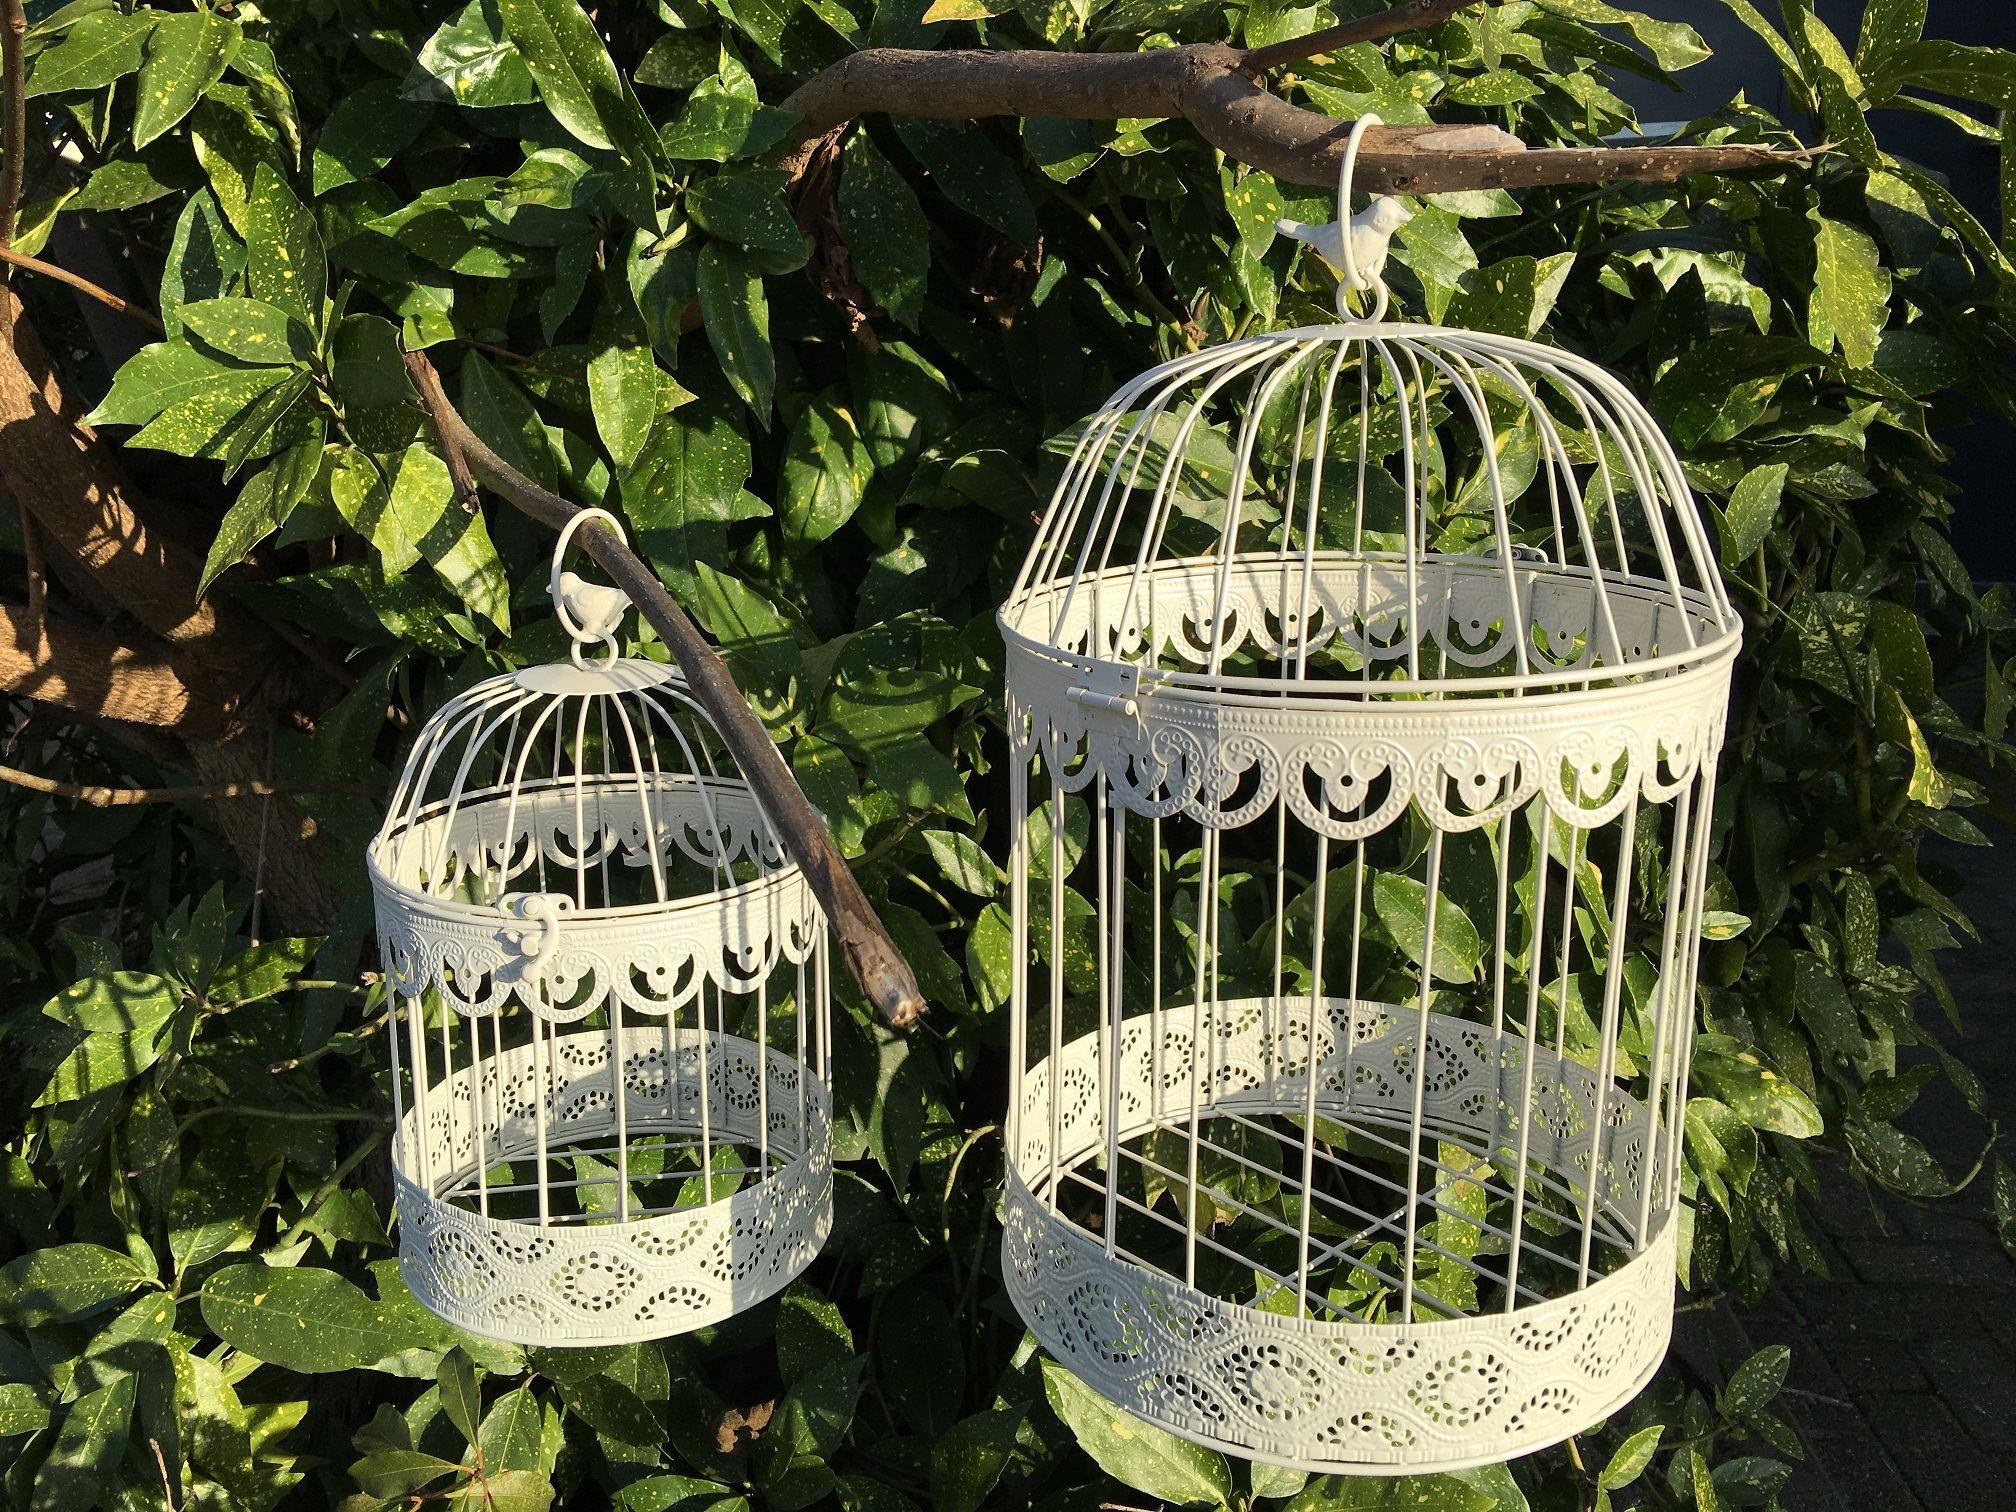 Kooien vogelhuisje sieraden kooi vogelkooien decoratief kooien metalen bloem opknoping - Deco kooi trap ...